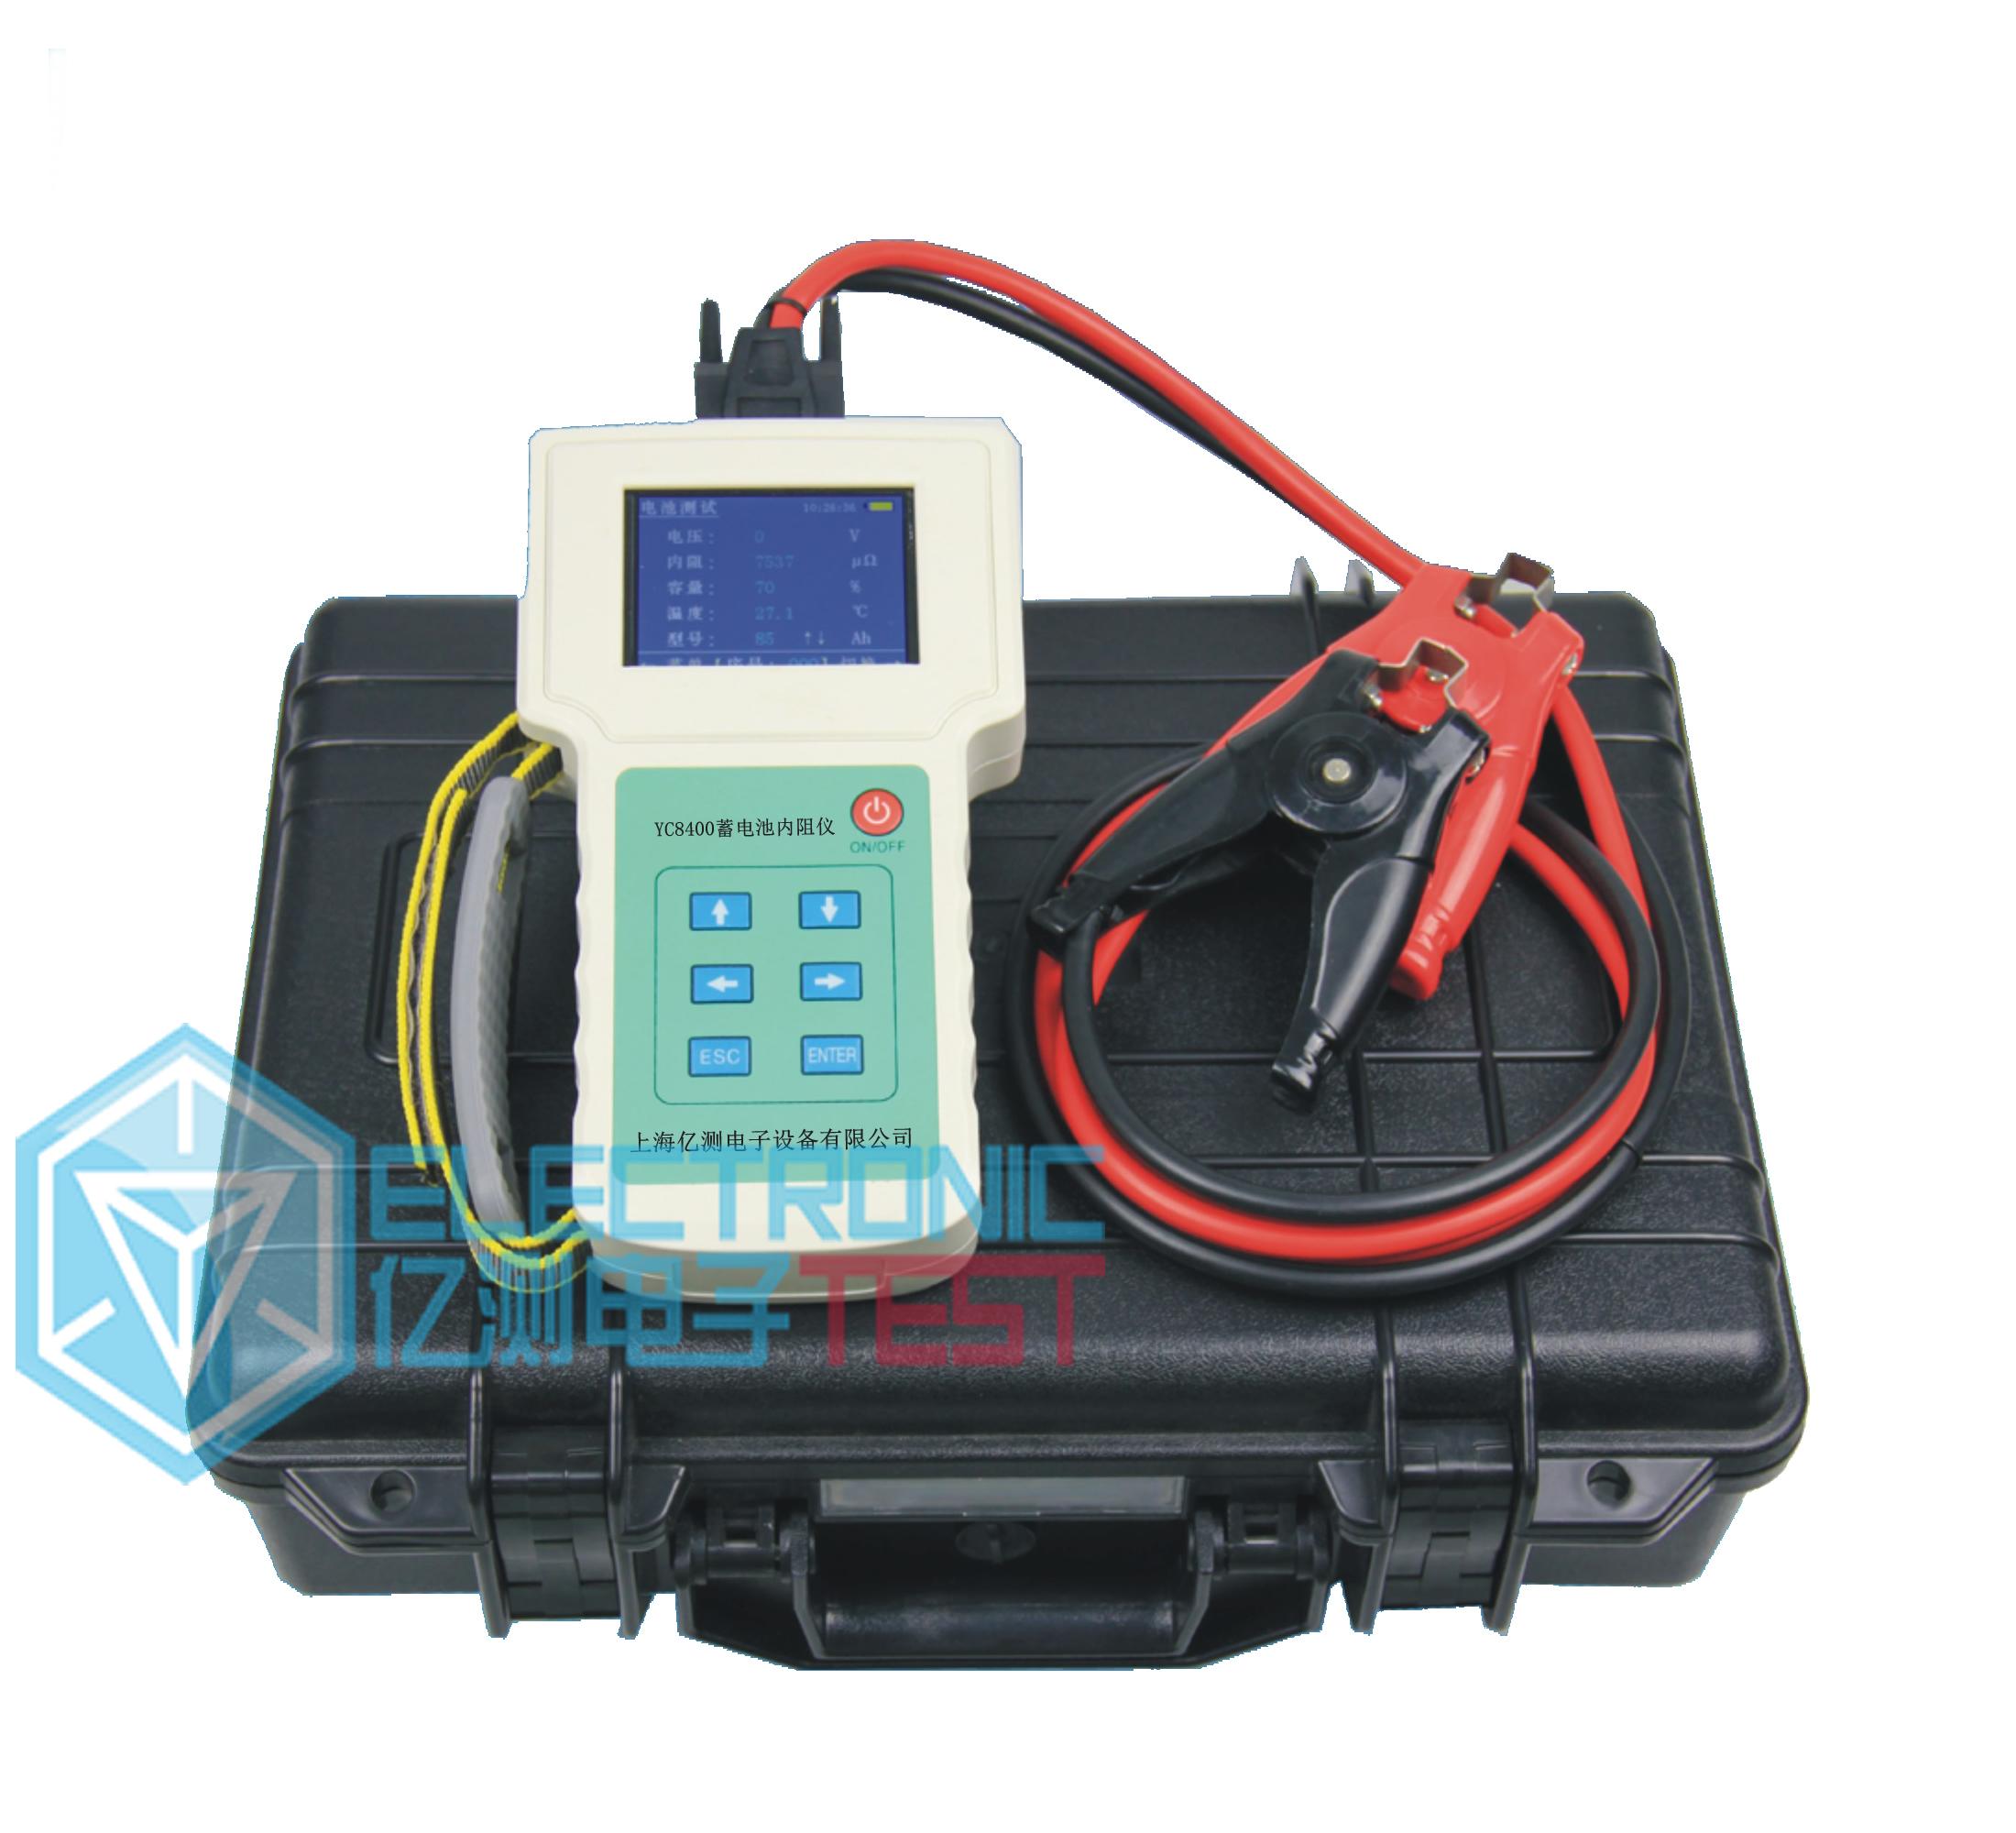 yc8400蓄电池内阻仪(蓄电池容量测试仪)